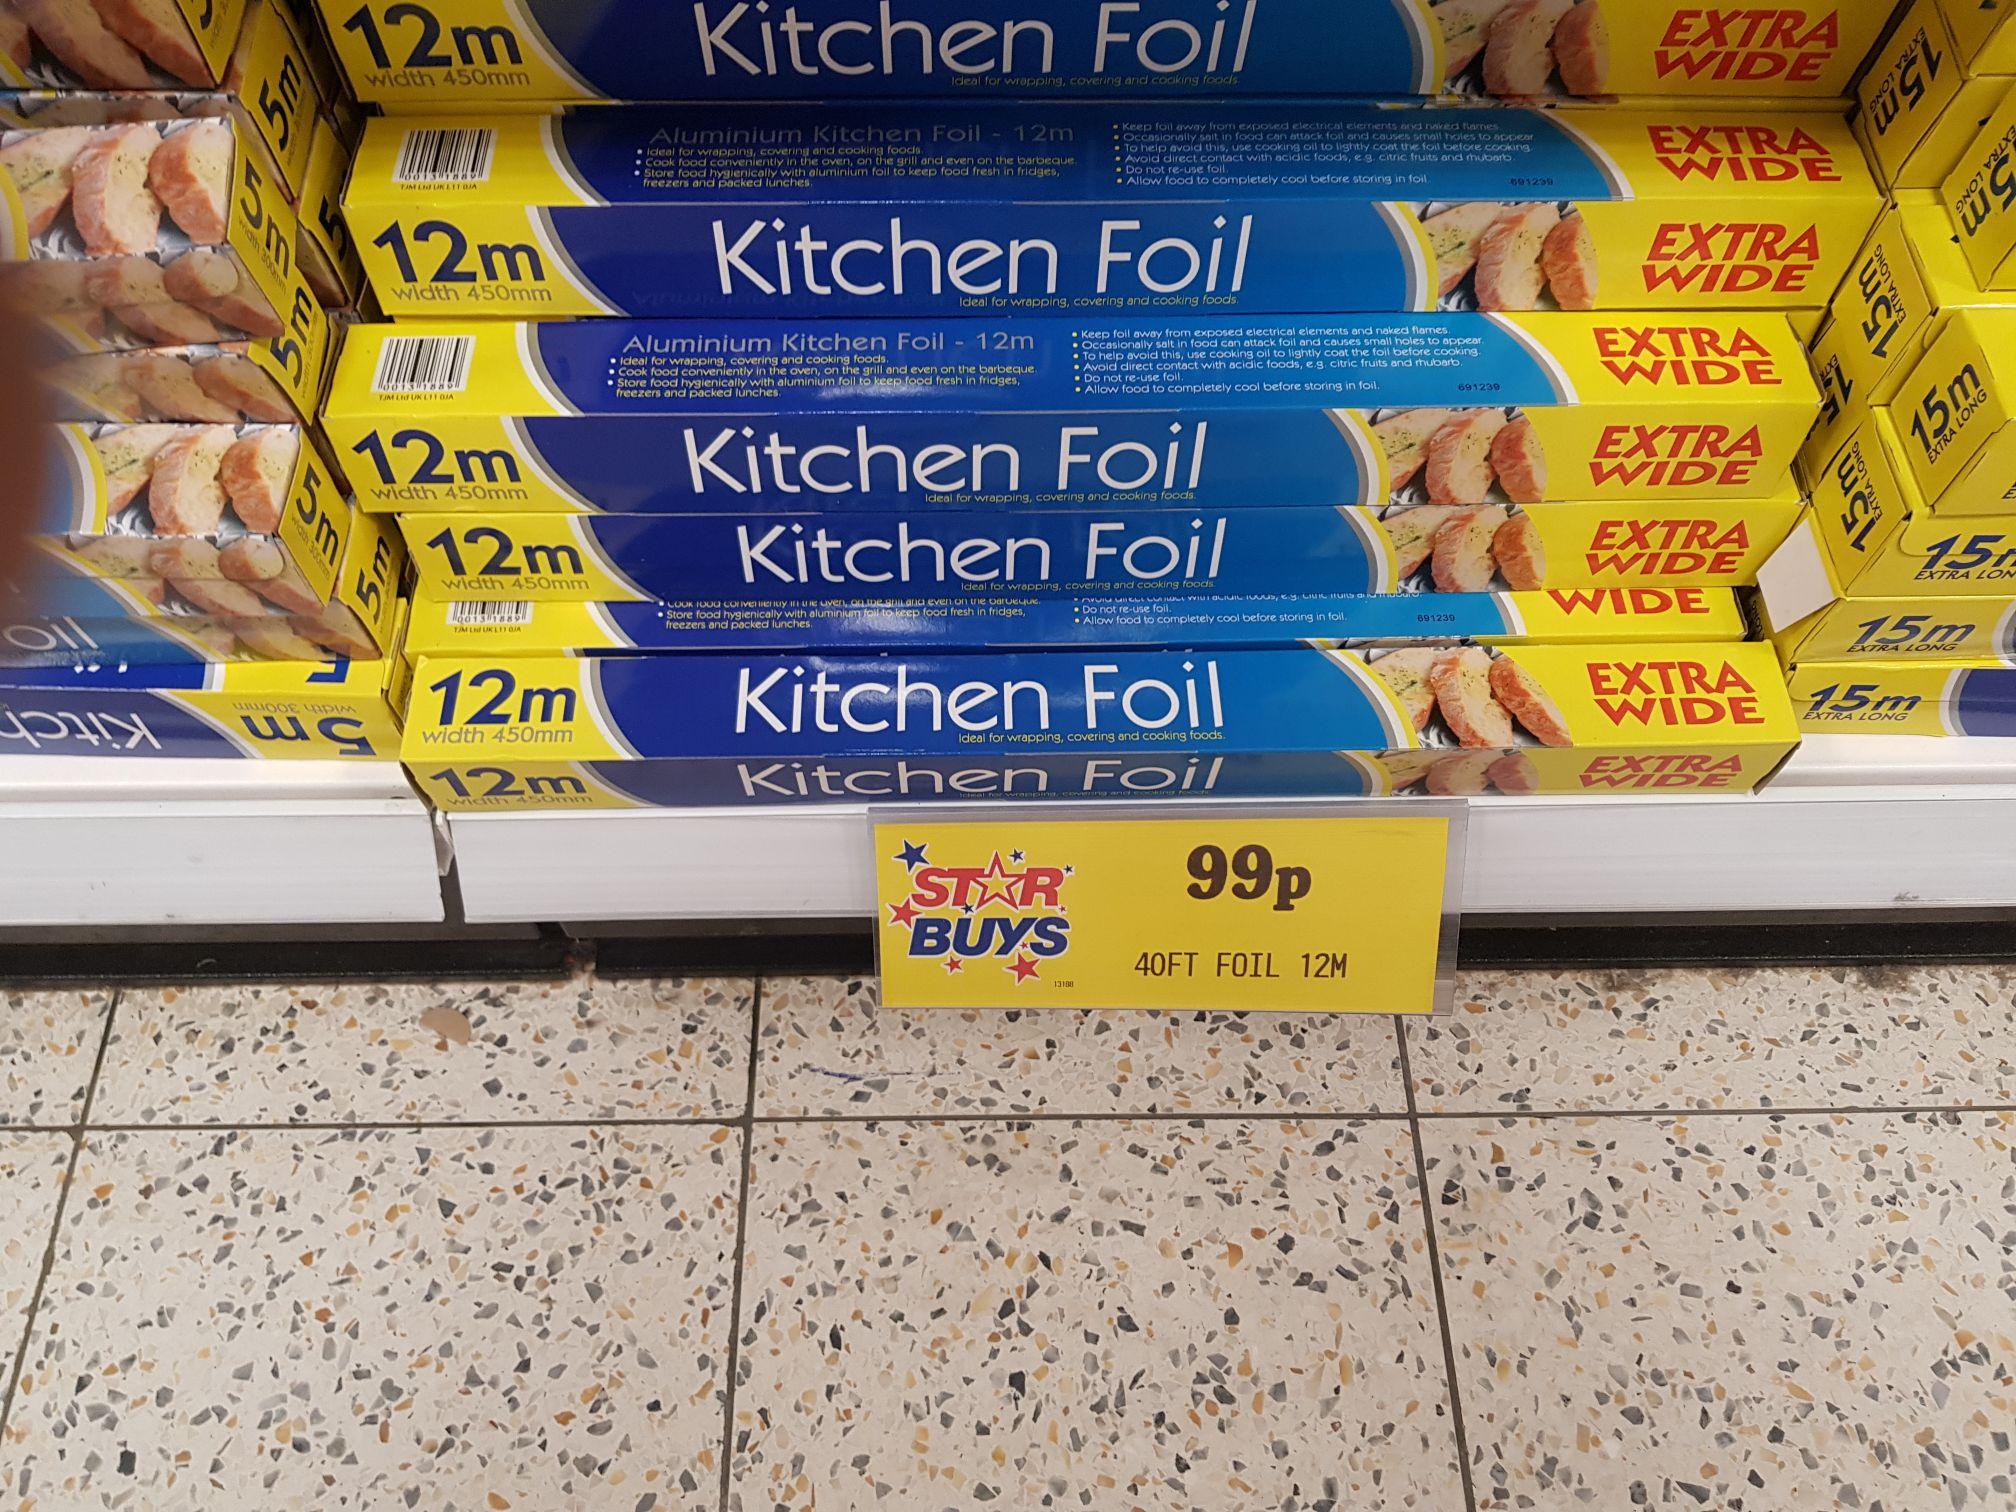 450mm x 12m kitchen foil 99p @ Home Bargains